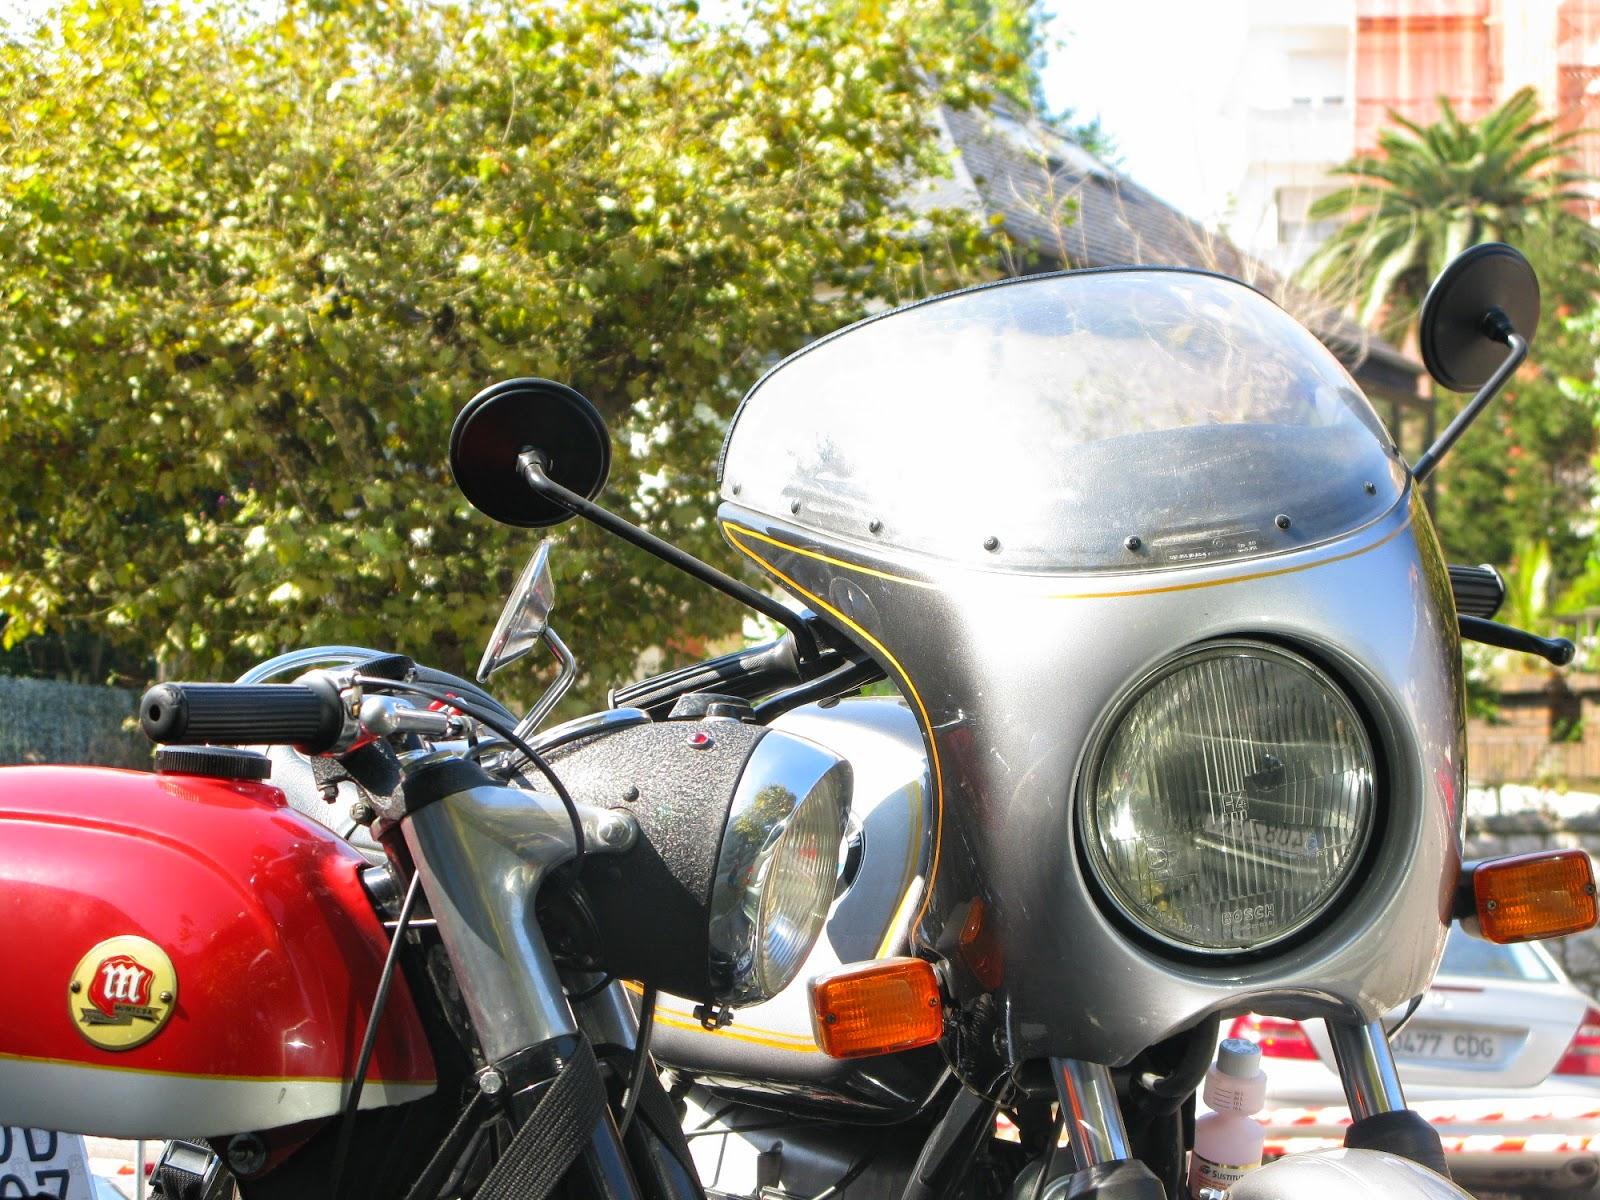 santander moto piston rally spain